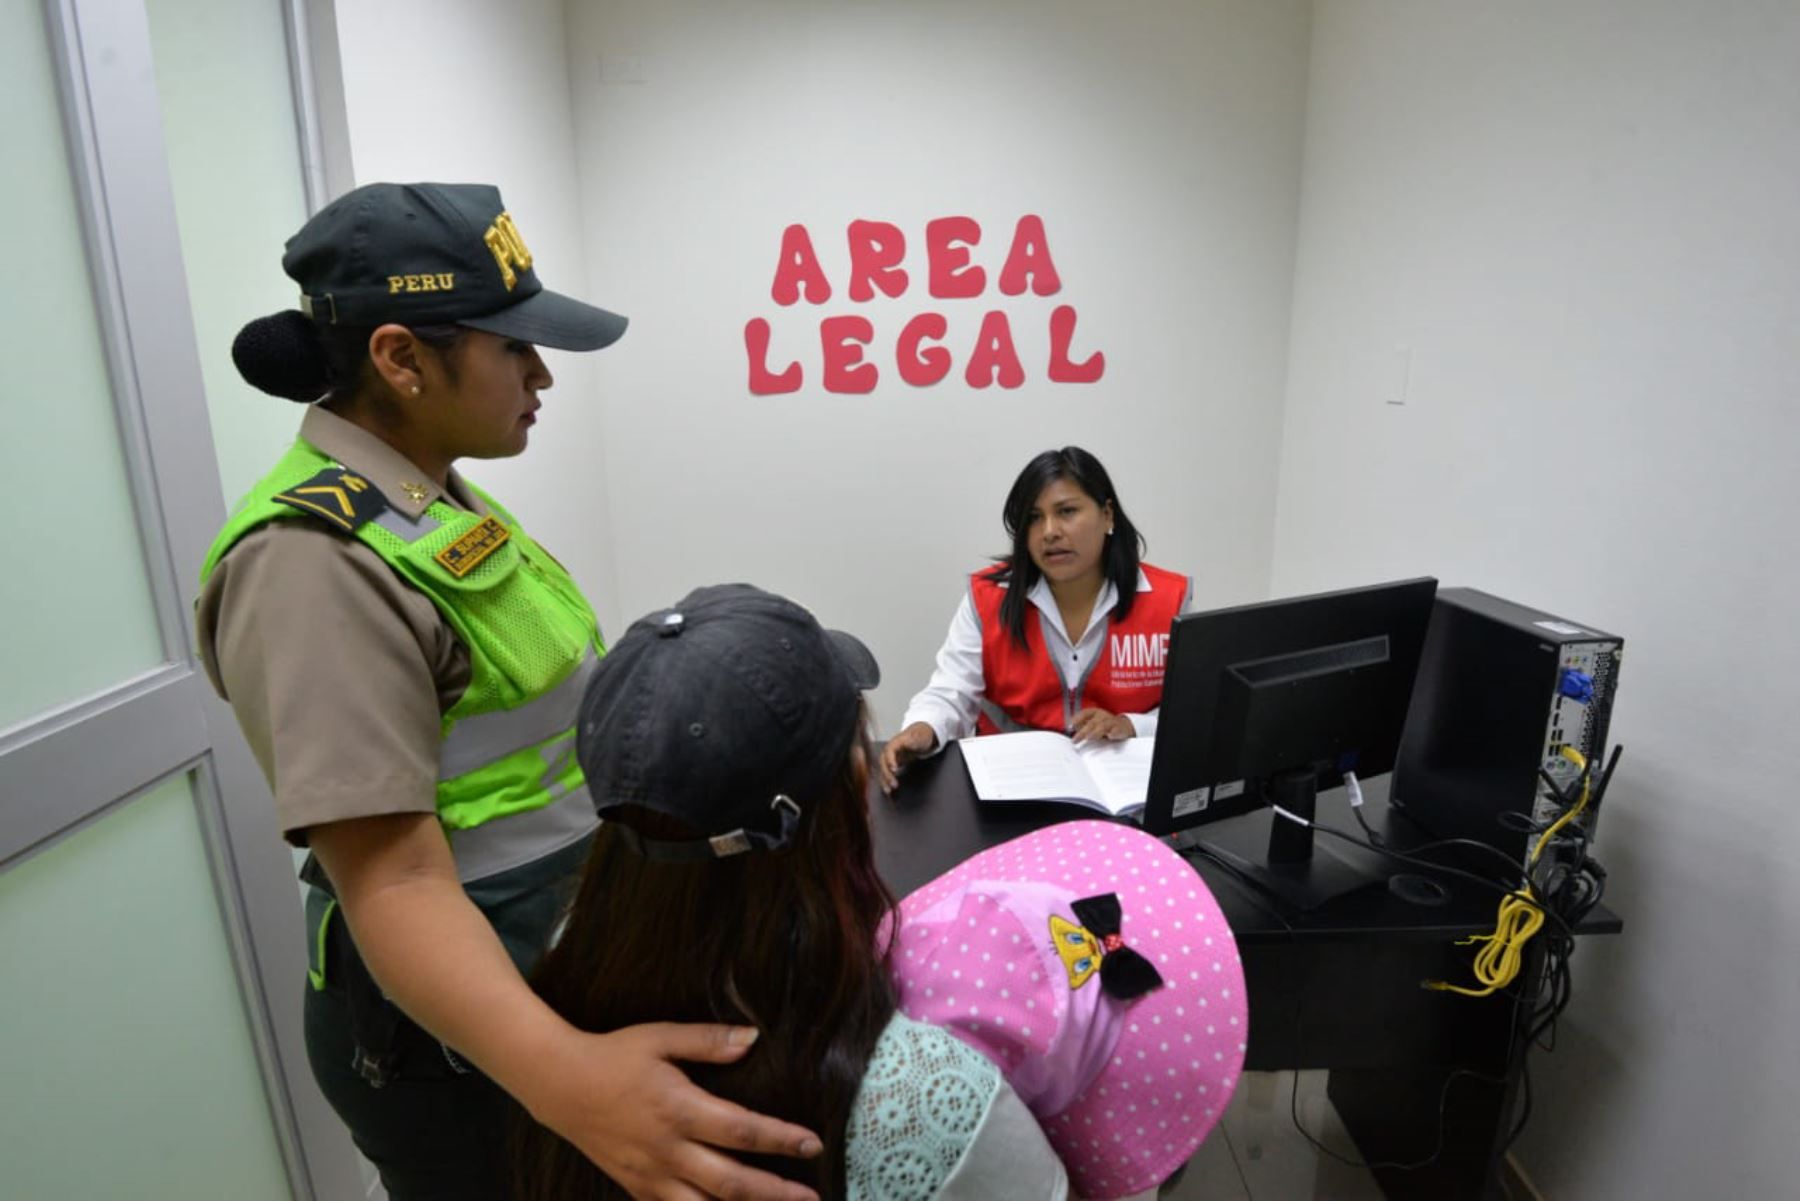 Ministerio de la Mujer interviene ante presunto feminicidio en Tacna. ANDINA/Difusión